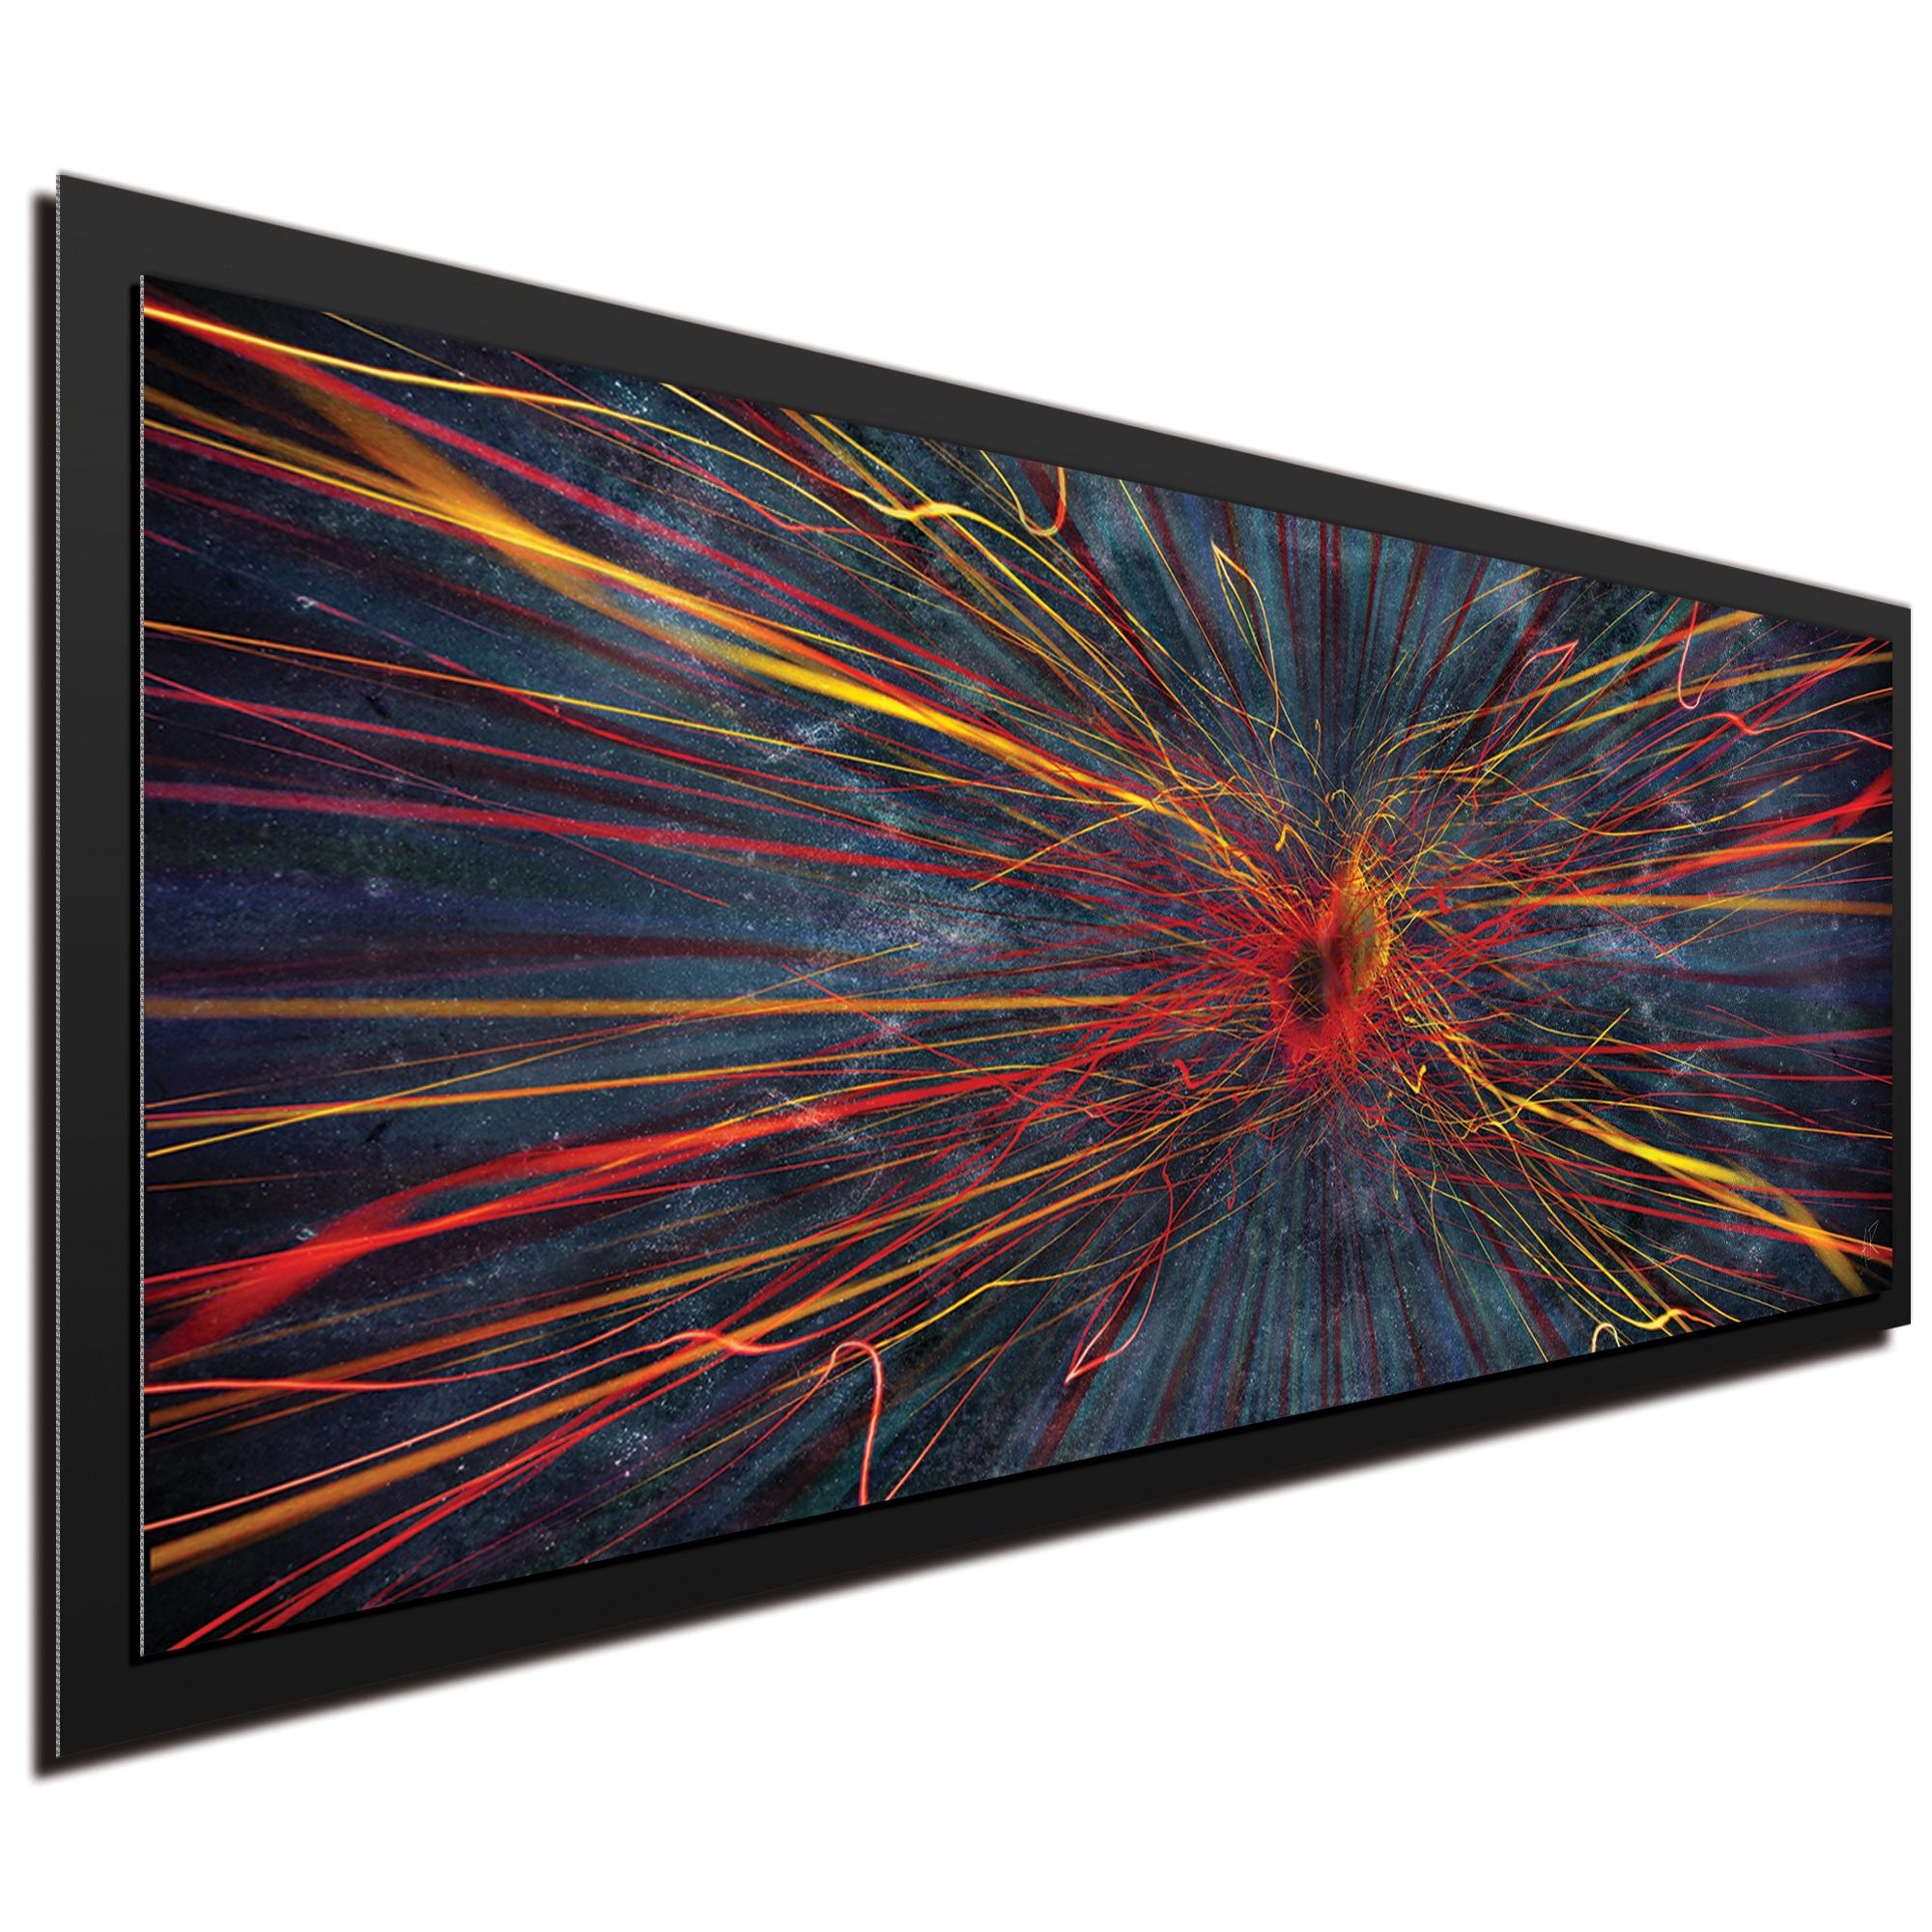 Implosion Framed - Image 2